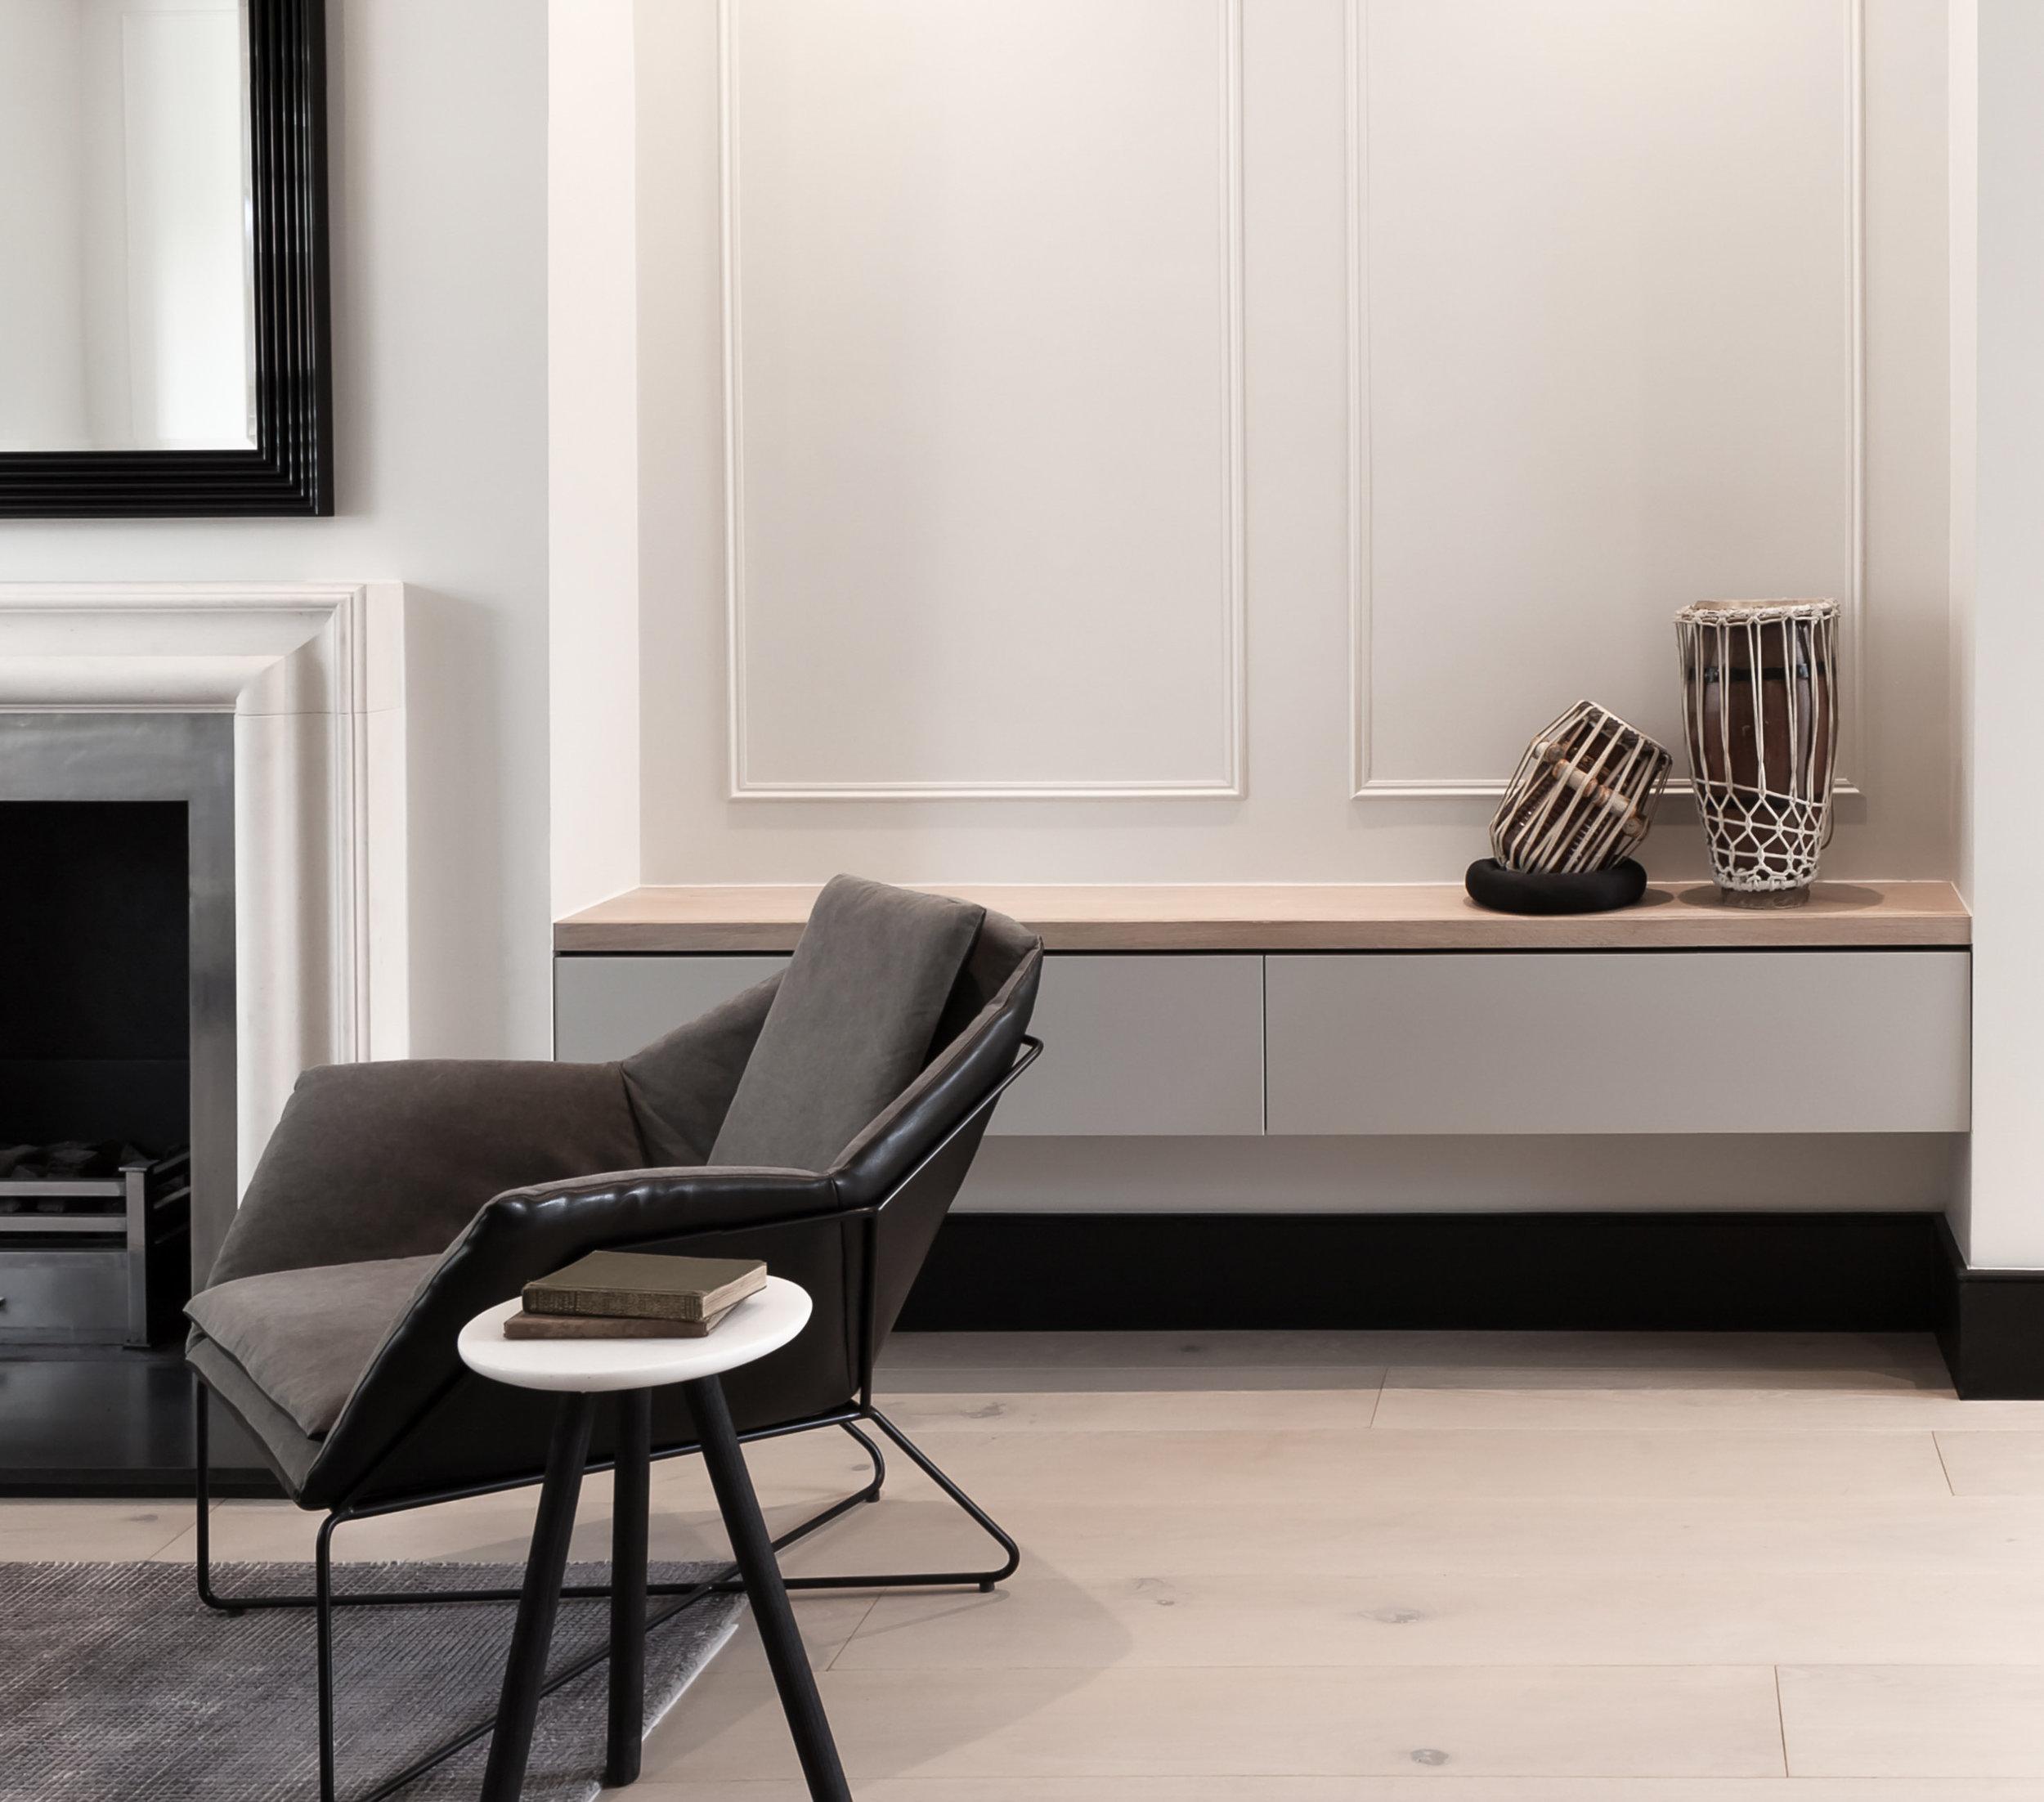 FL_Livingroom_web-2.jpg